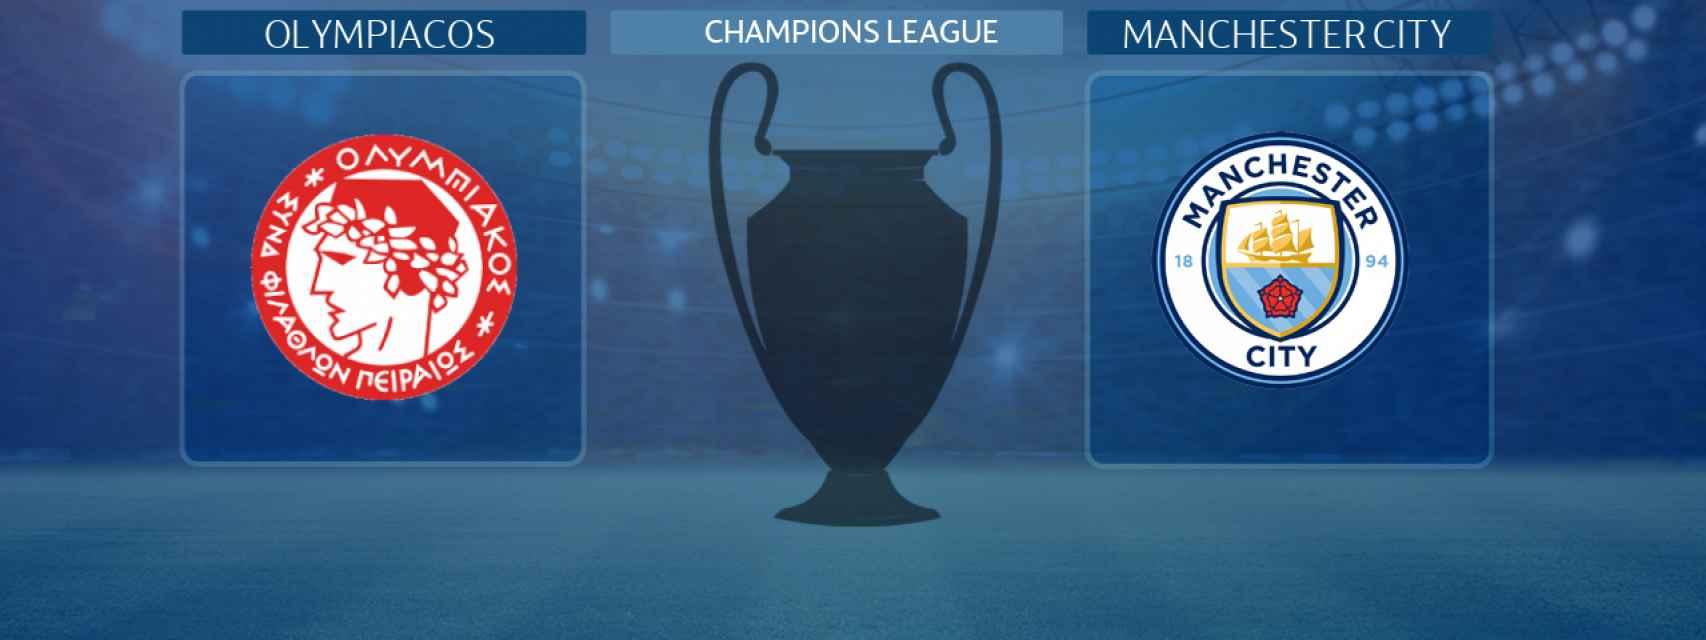 Olympiacos - Manchester City, partido de la Champions League